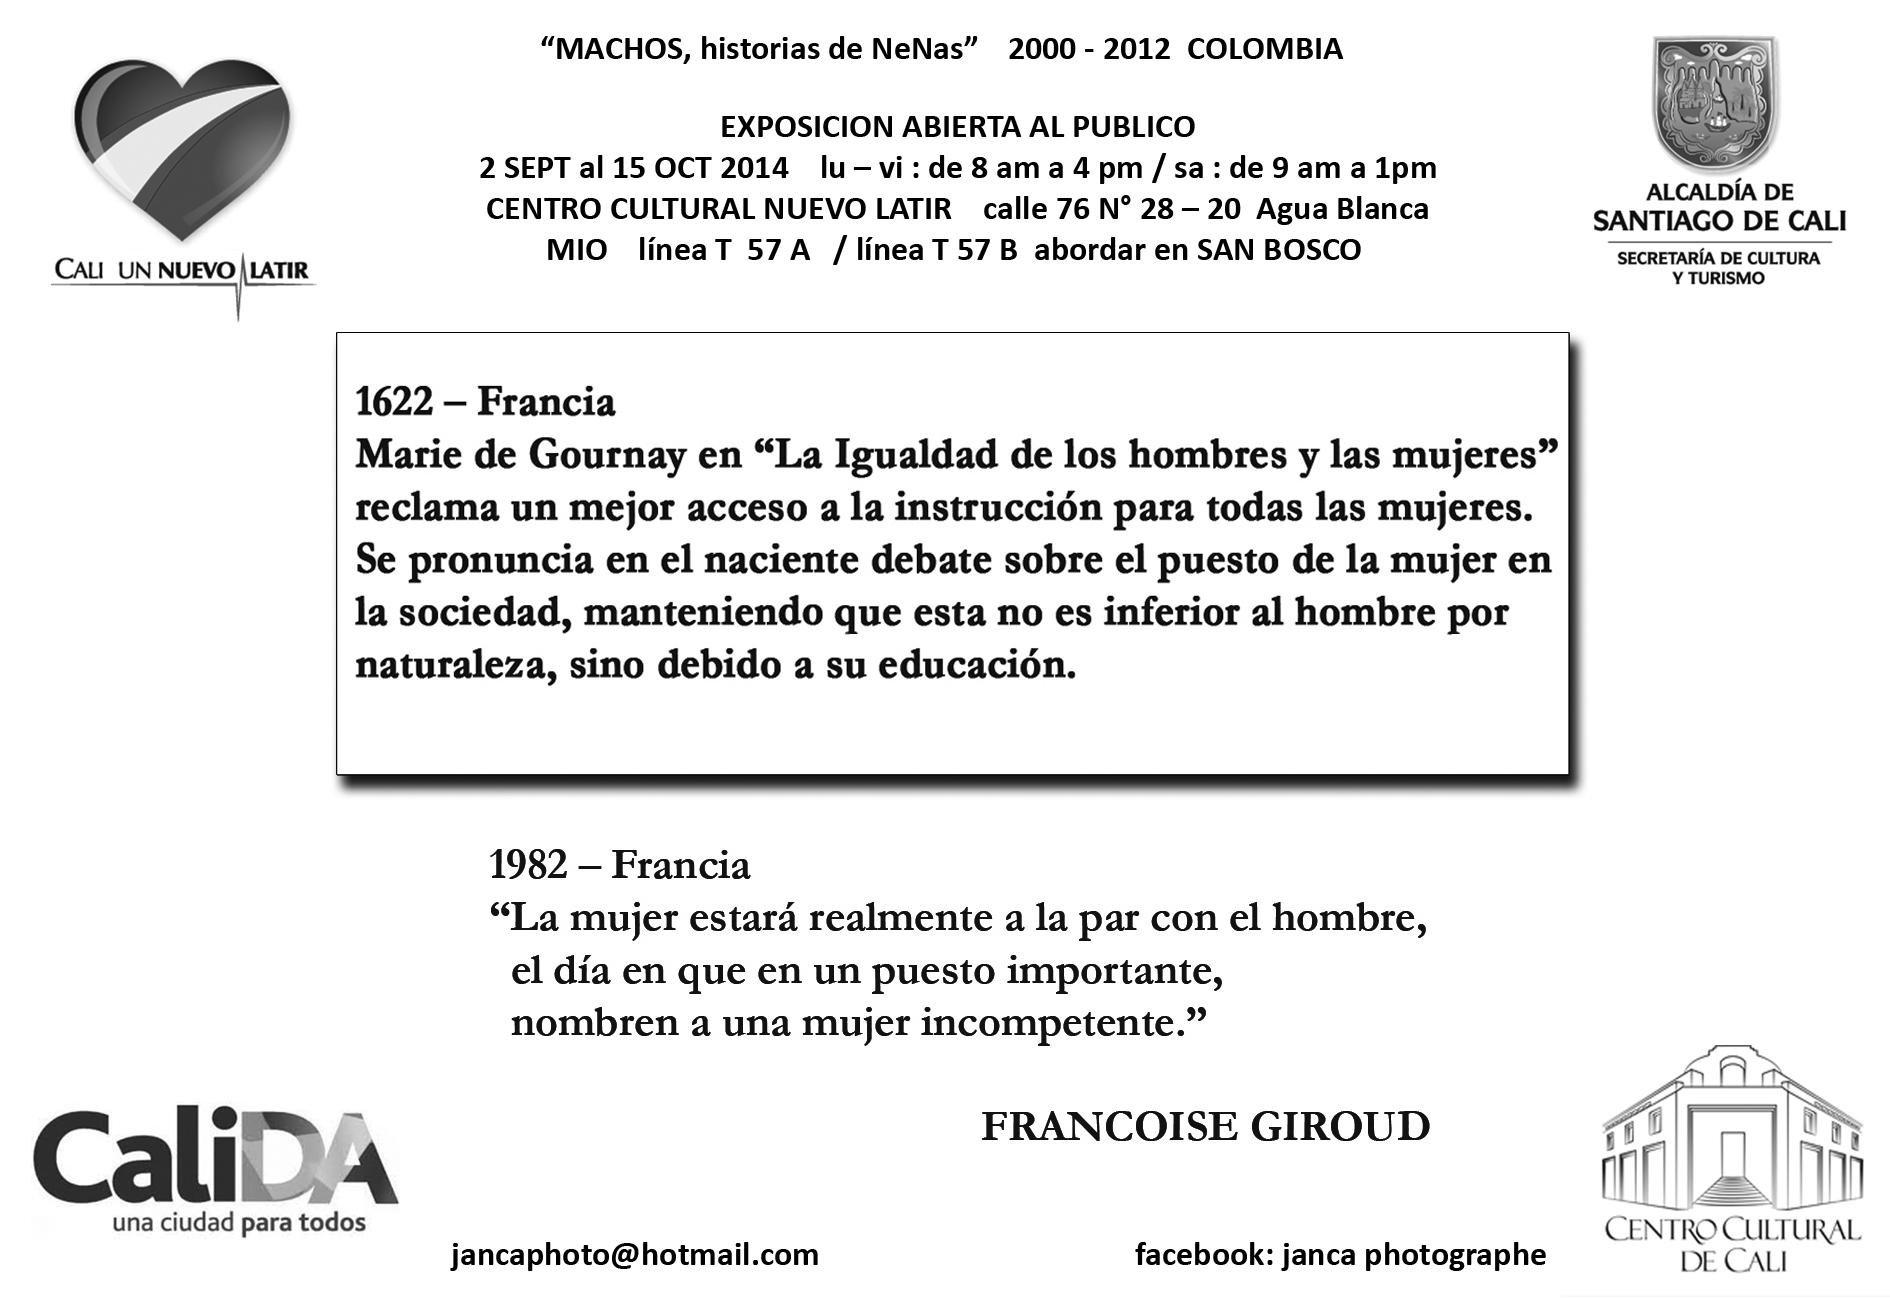 retiro POSTALES  CALI  FRANCOISE GIROUD  7